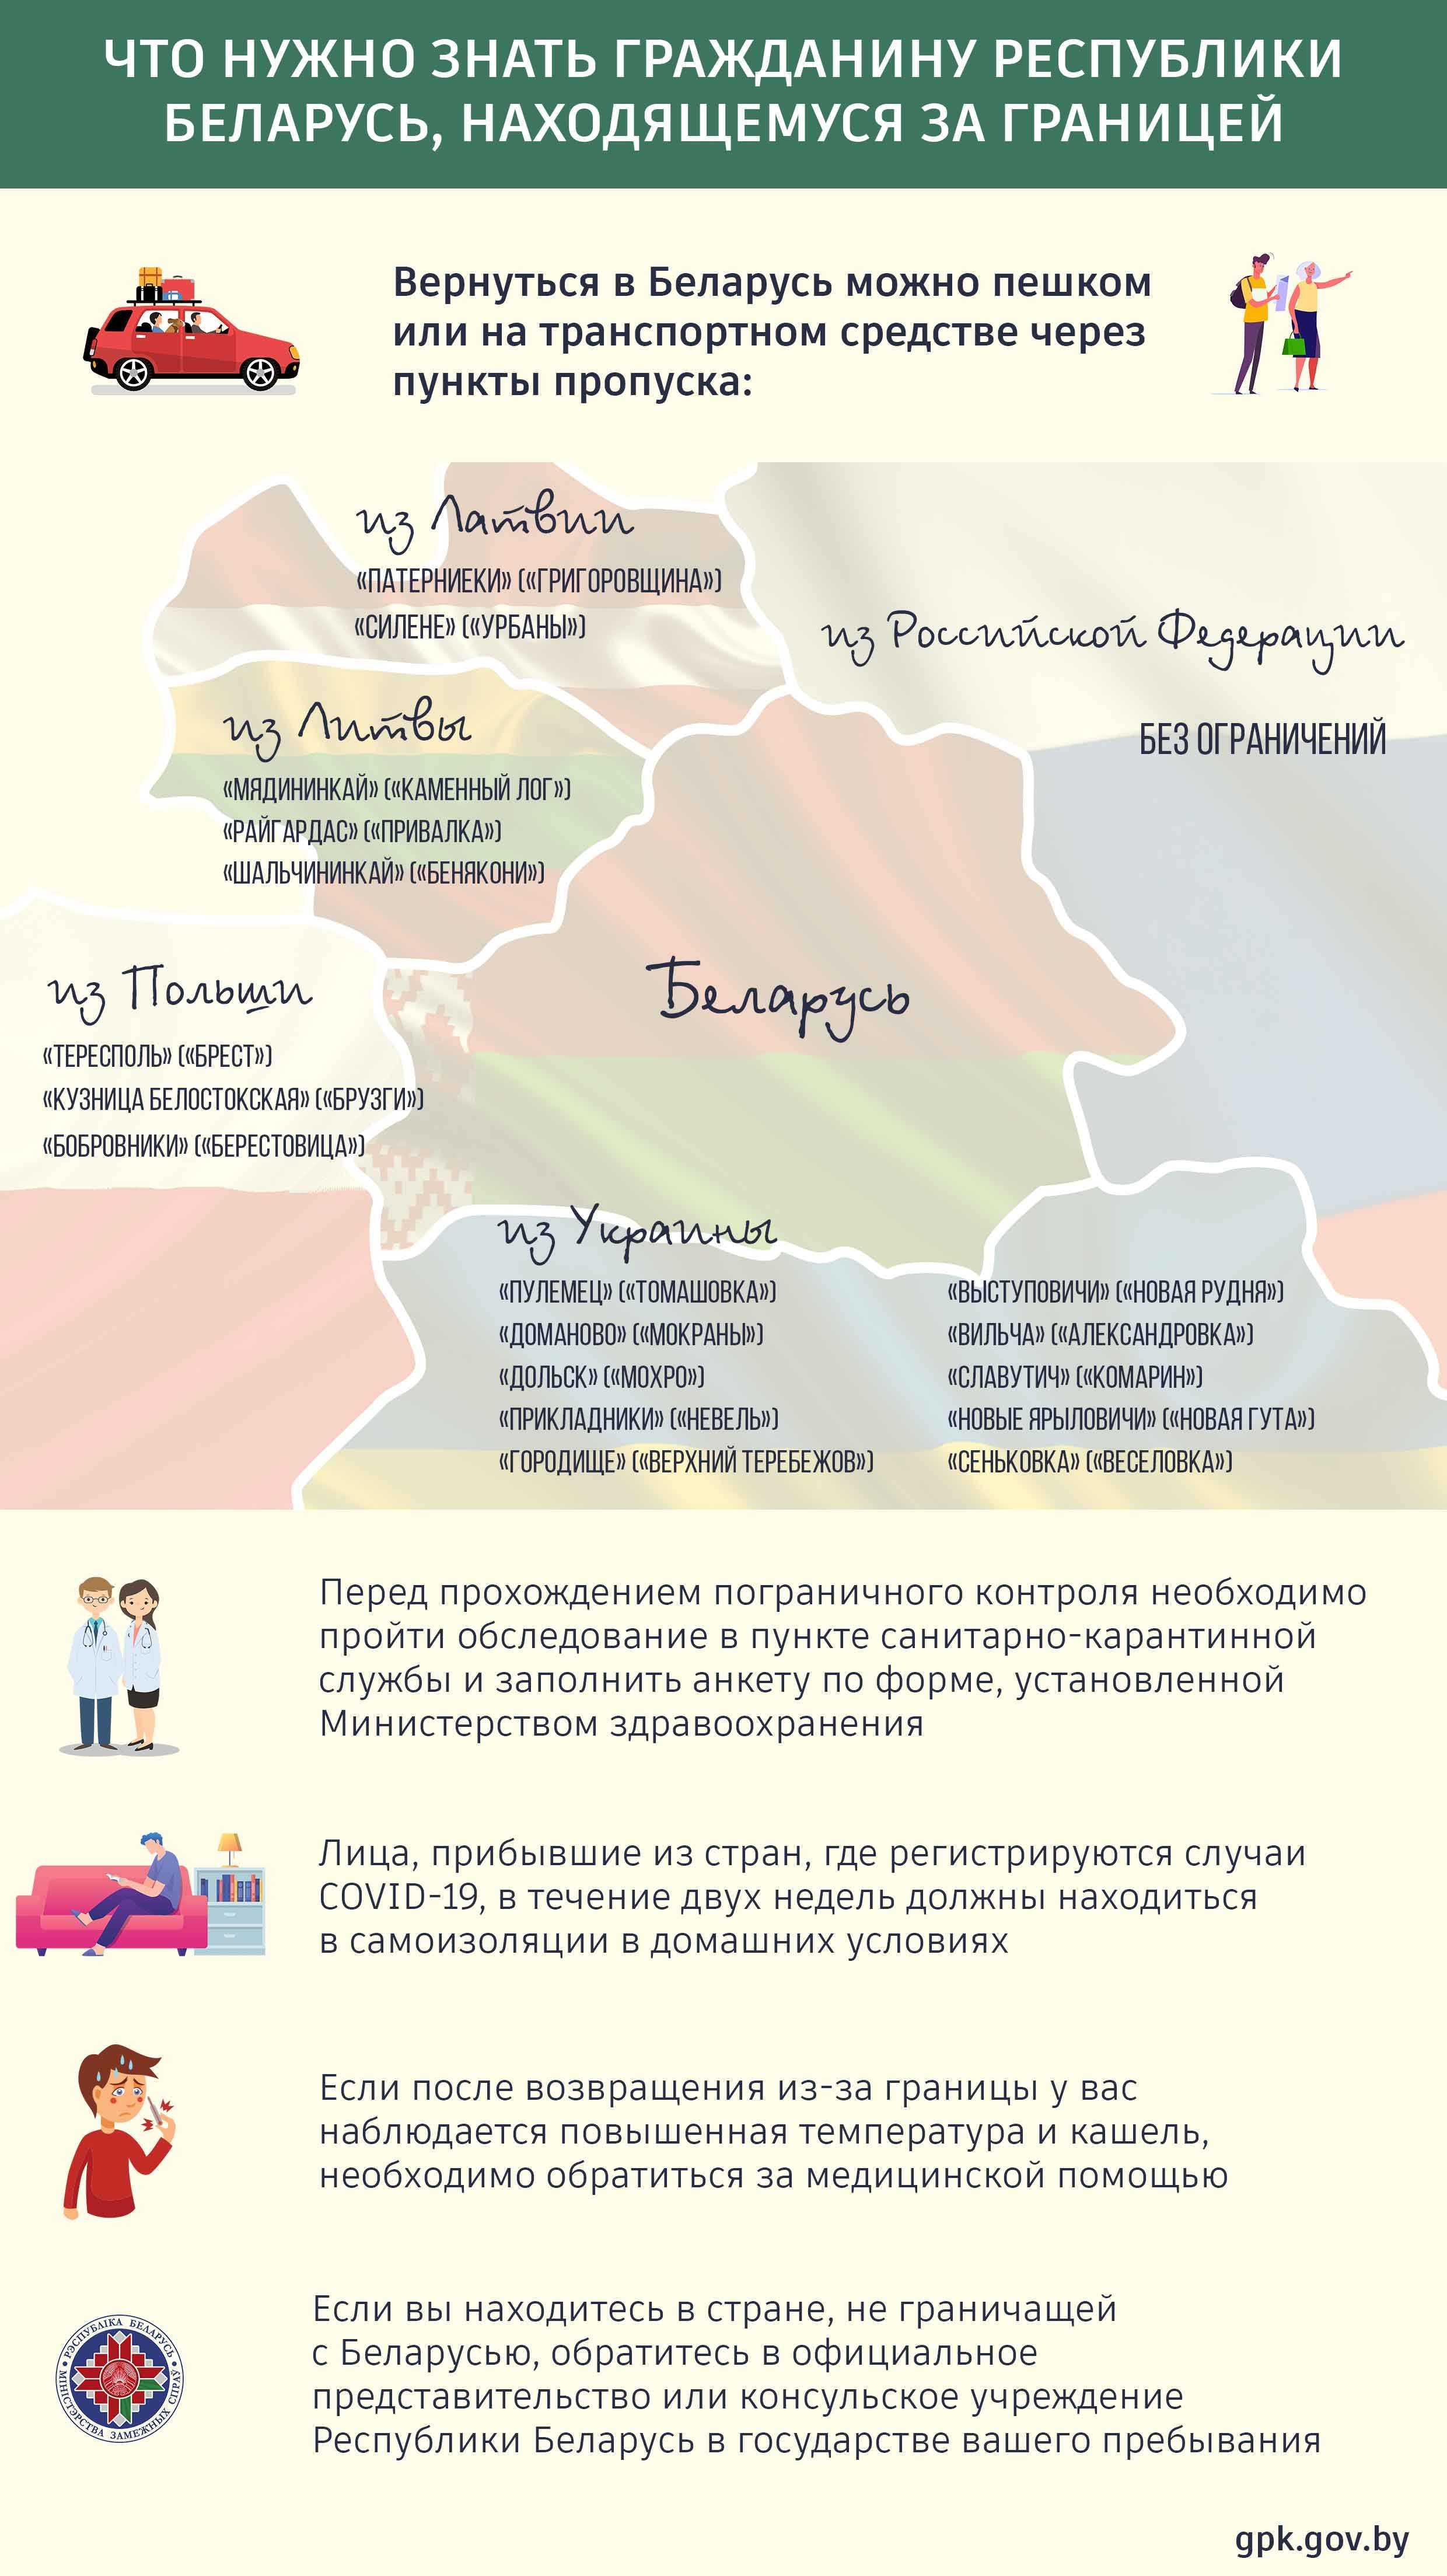 Информация для белорусов, находящихся за границей